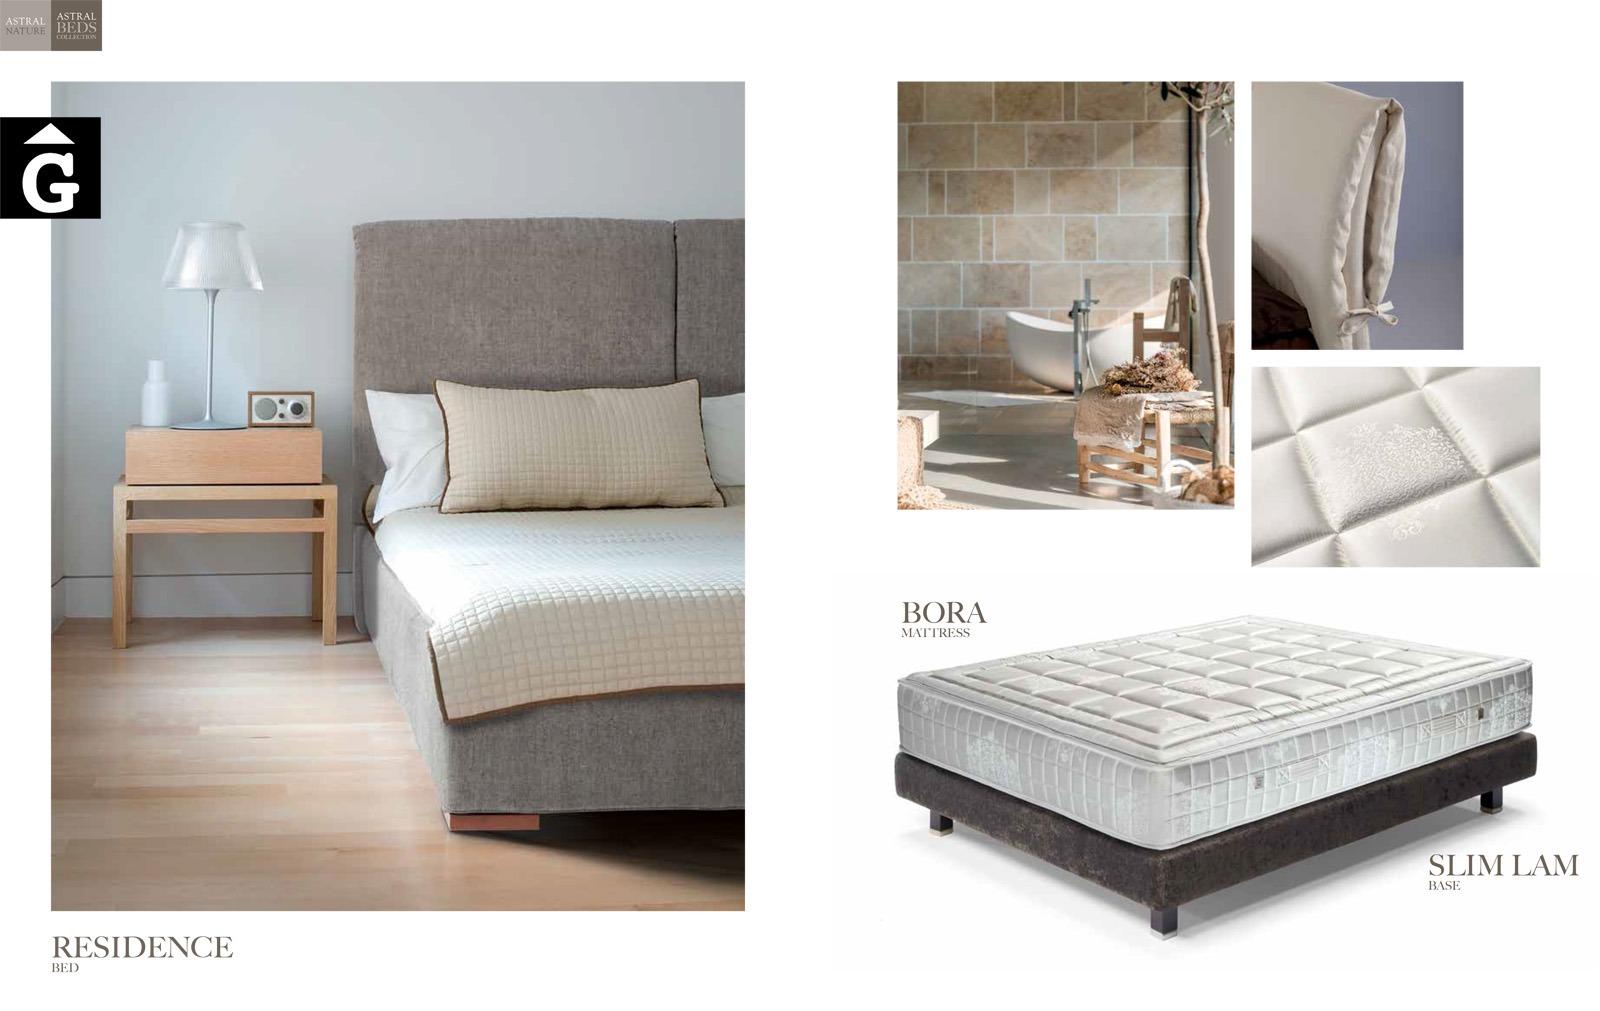 Residence detalls Beds Astral Nature descans qualitat natural i salut junts per mobles Gifreu